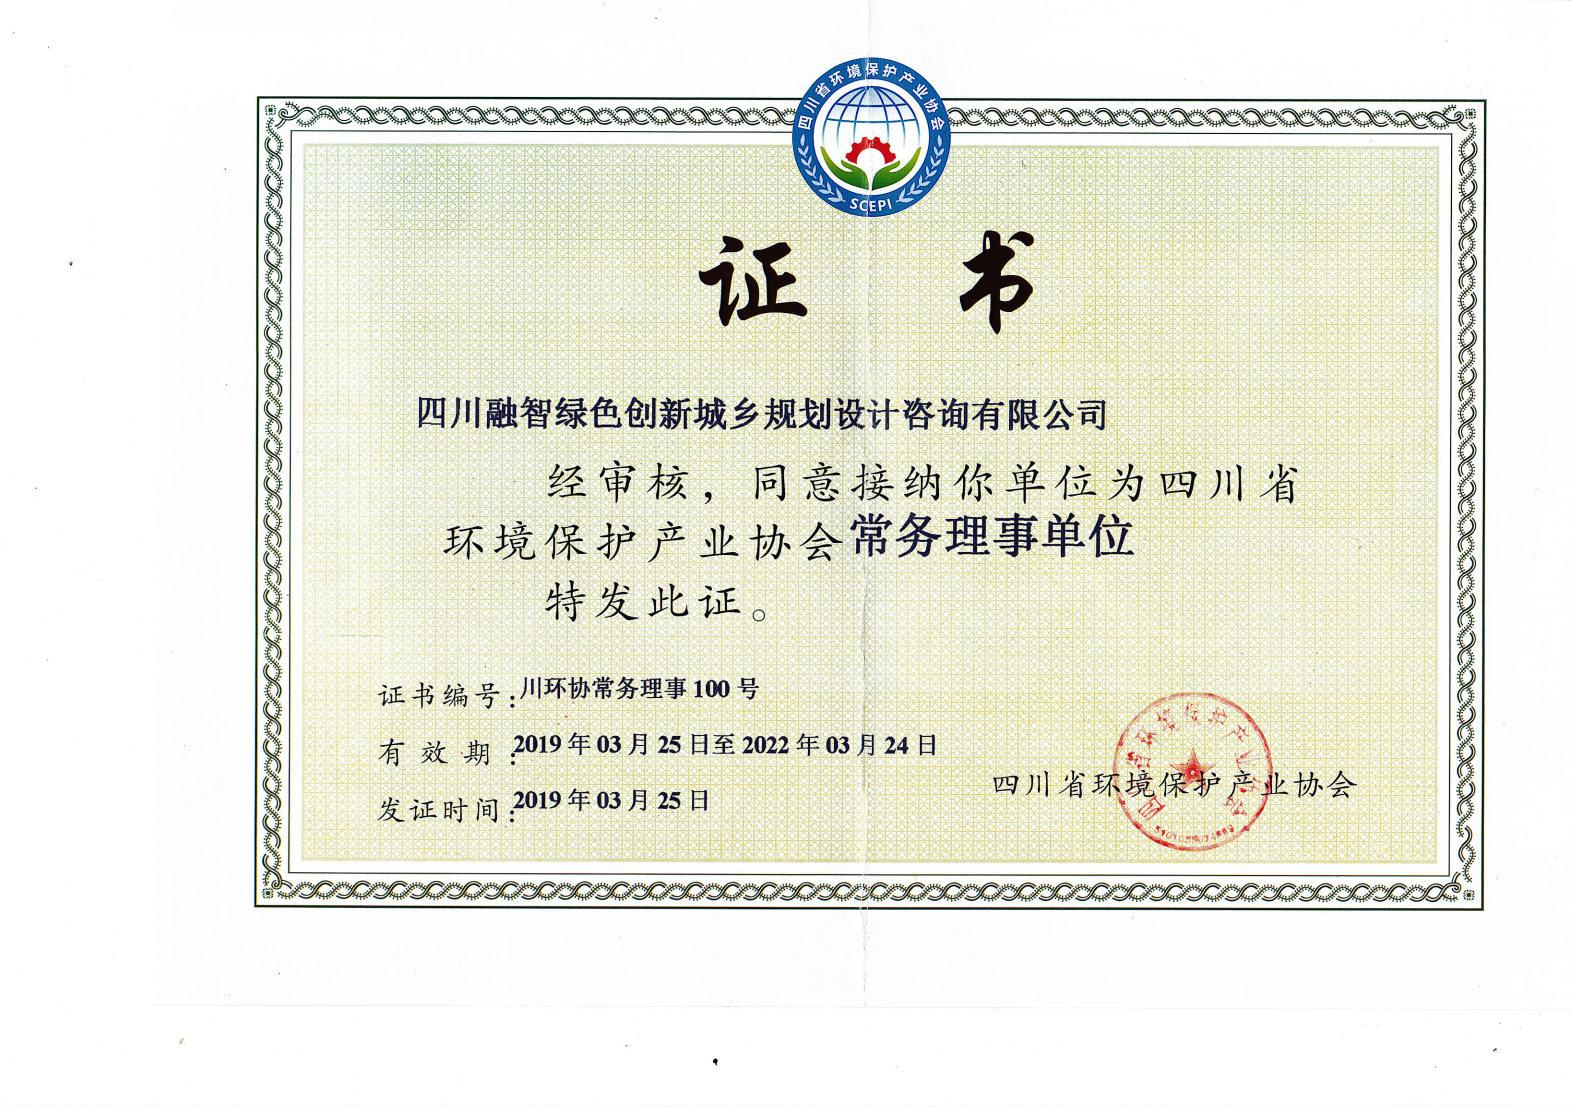 四川省环境保护产业协会常务理事单位